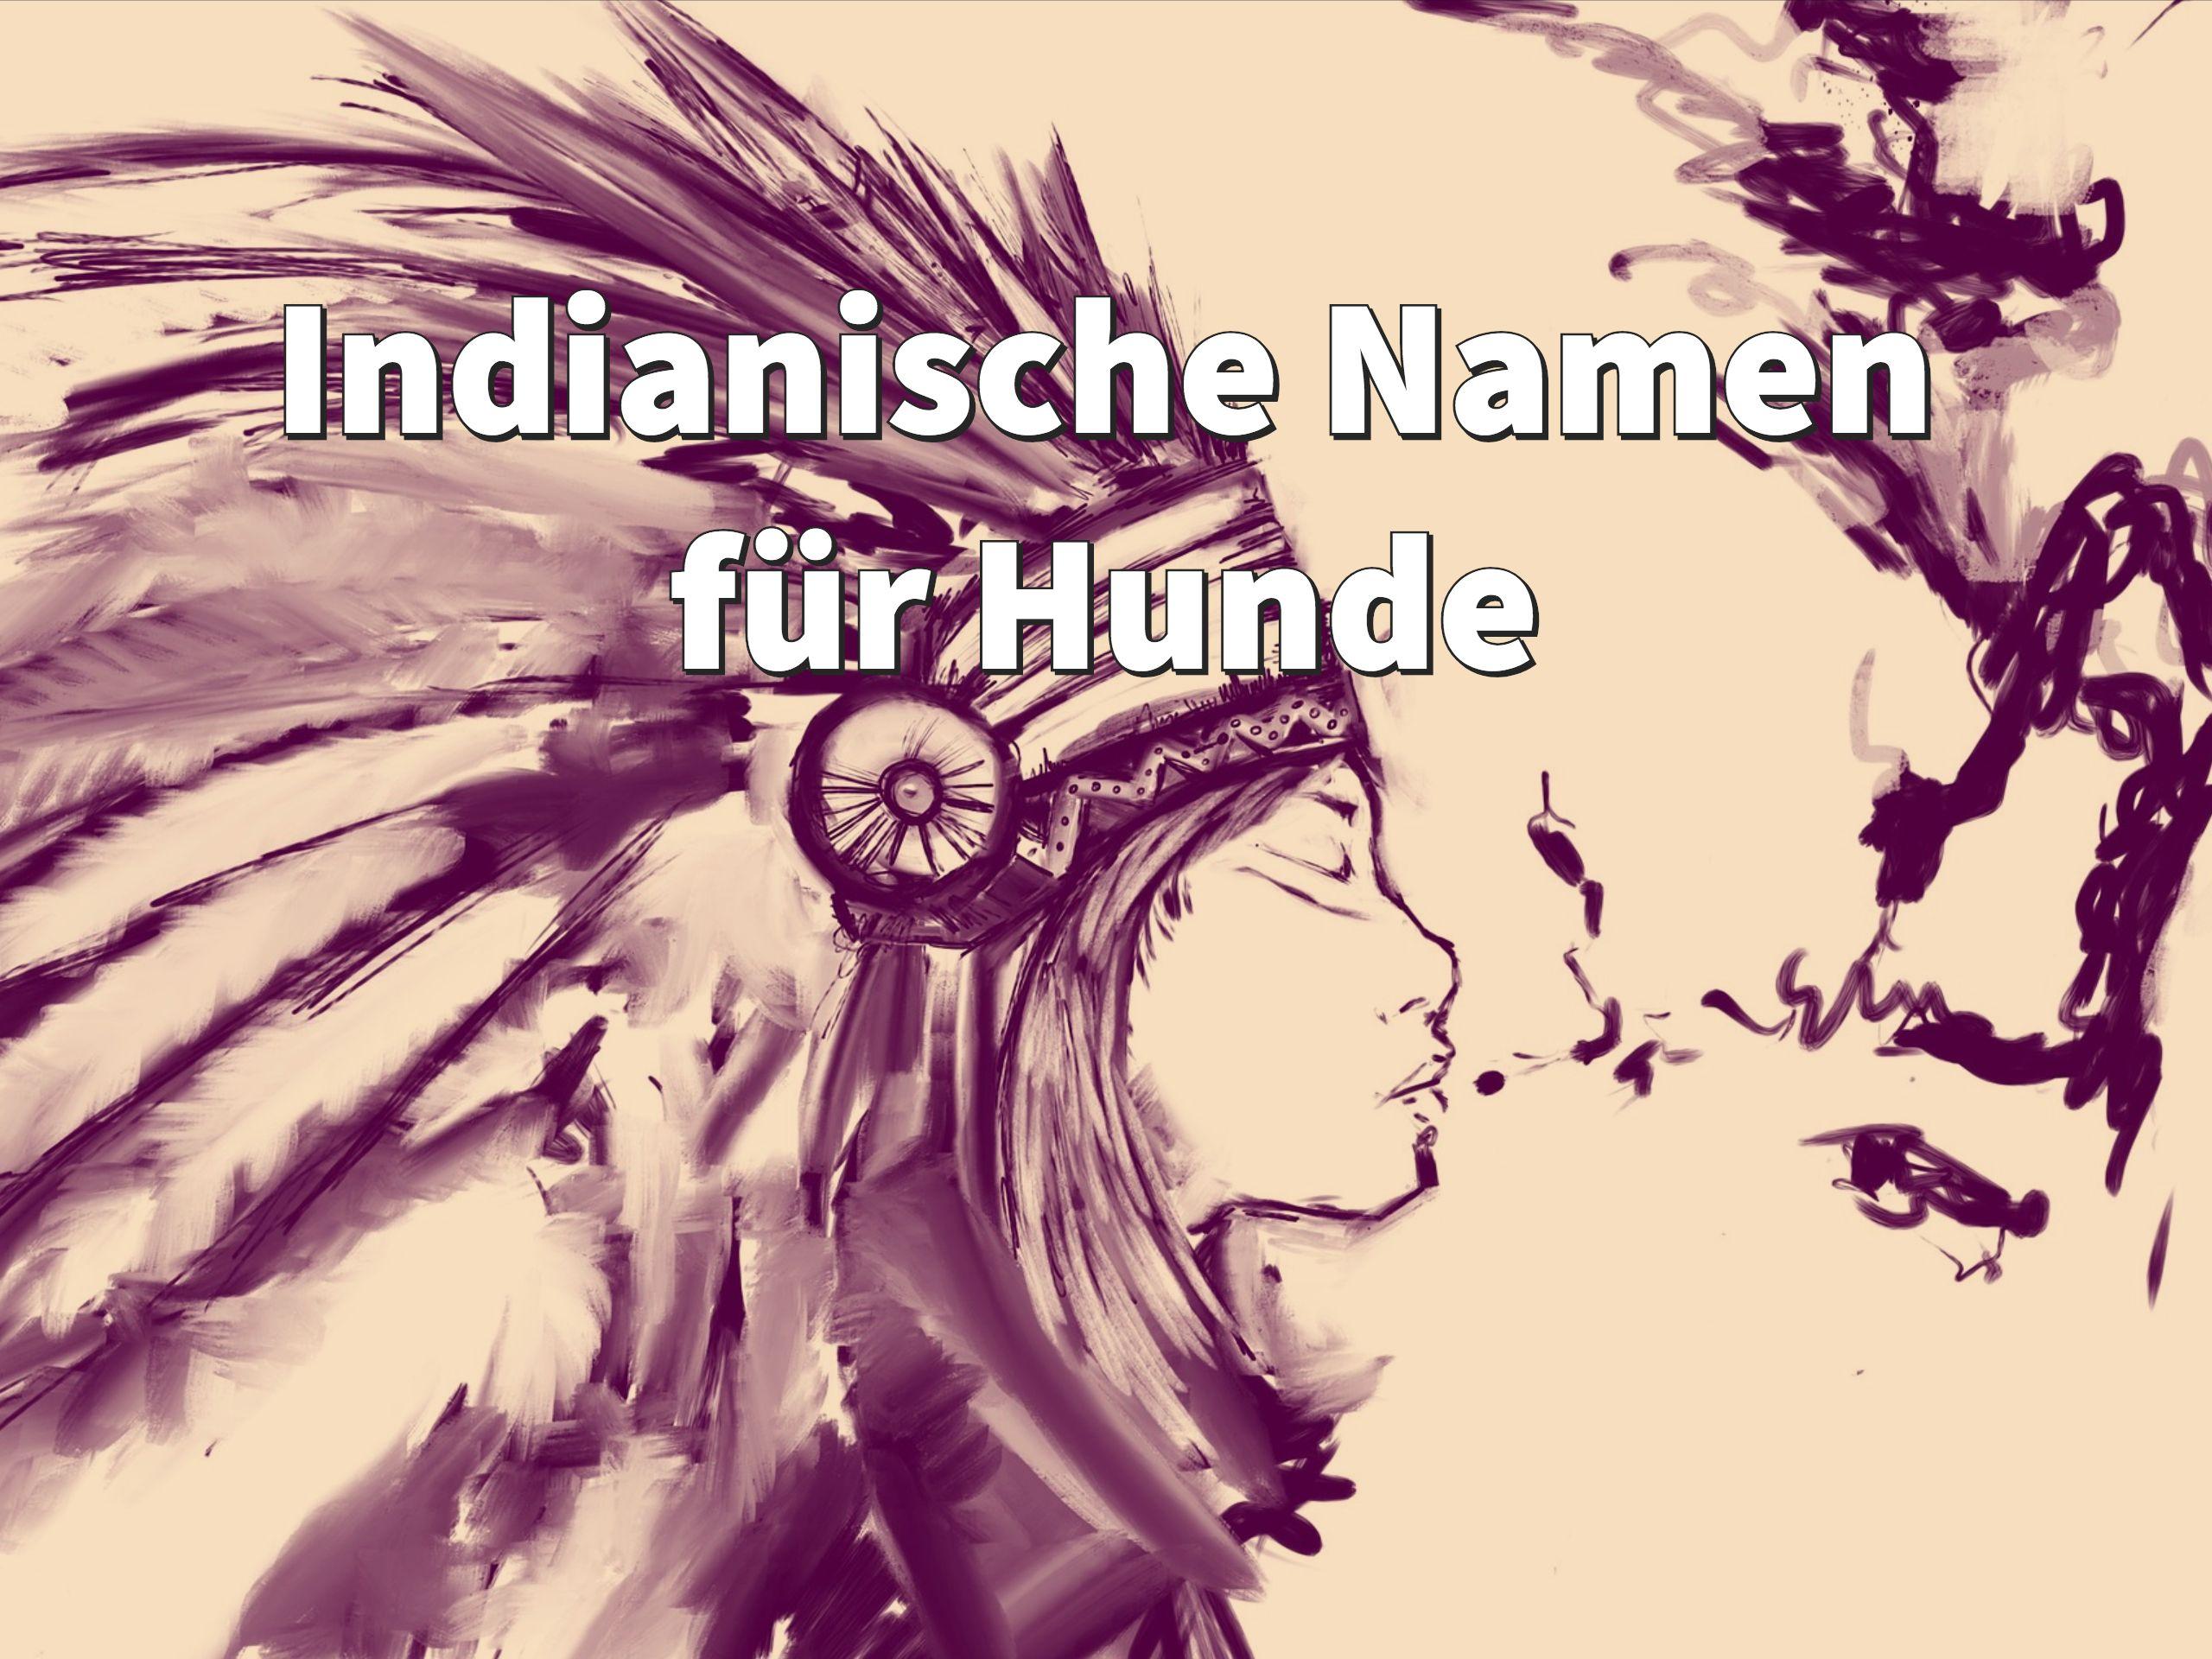 Indianische Namen Fur Hunde Weiblich Und Mannlich Mit Bedeutung Hundenamen Namen Fur Hunde Indianische Namen